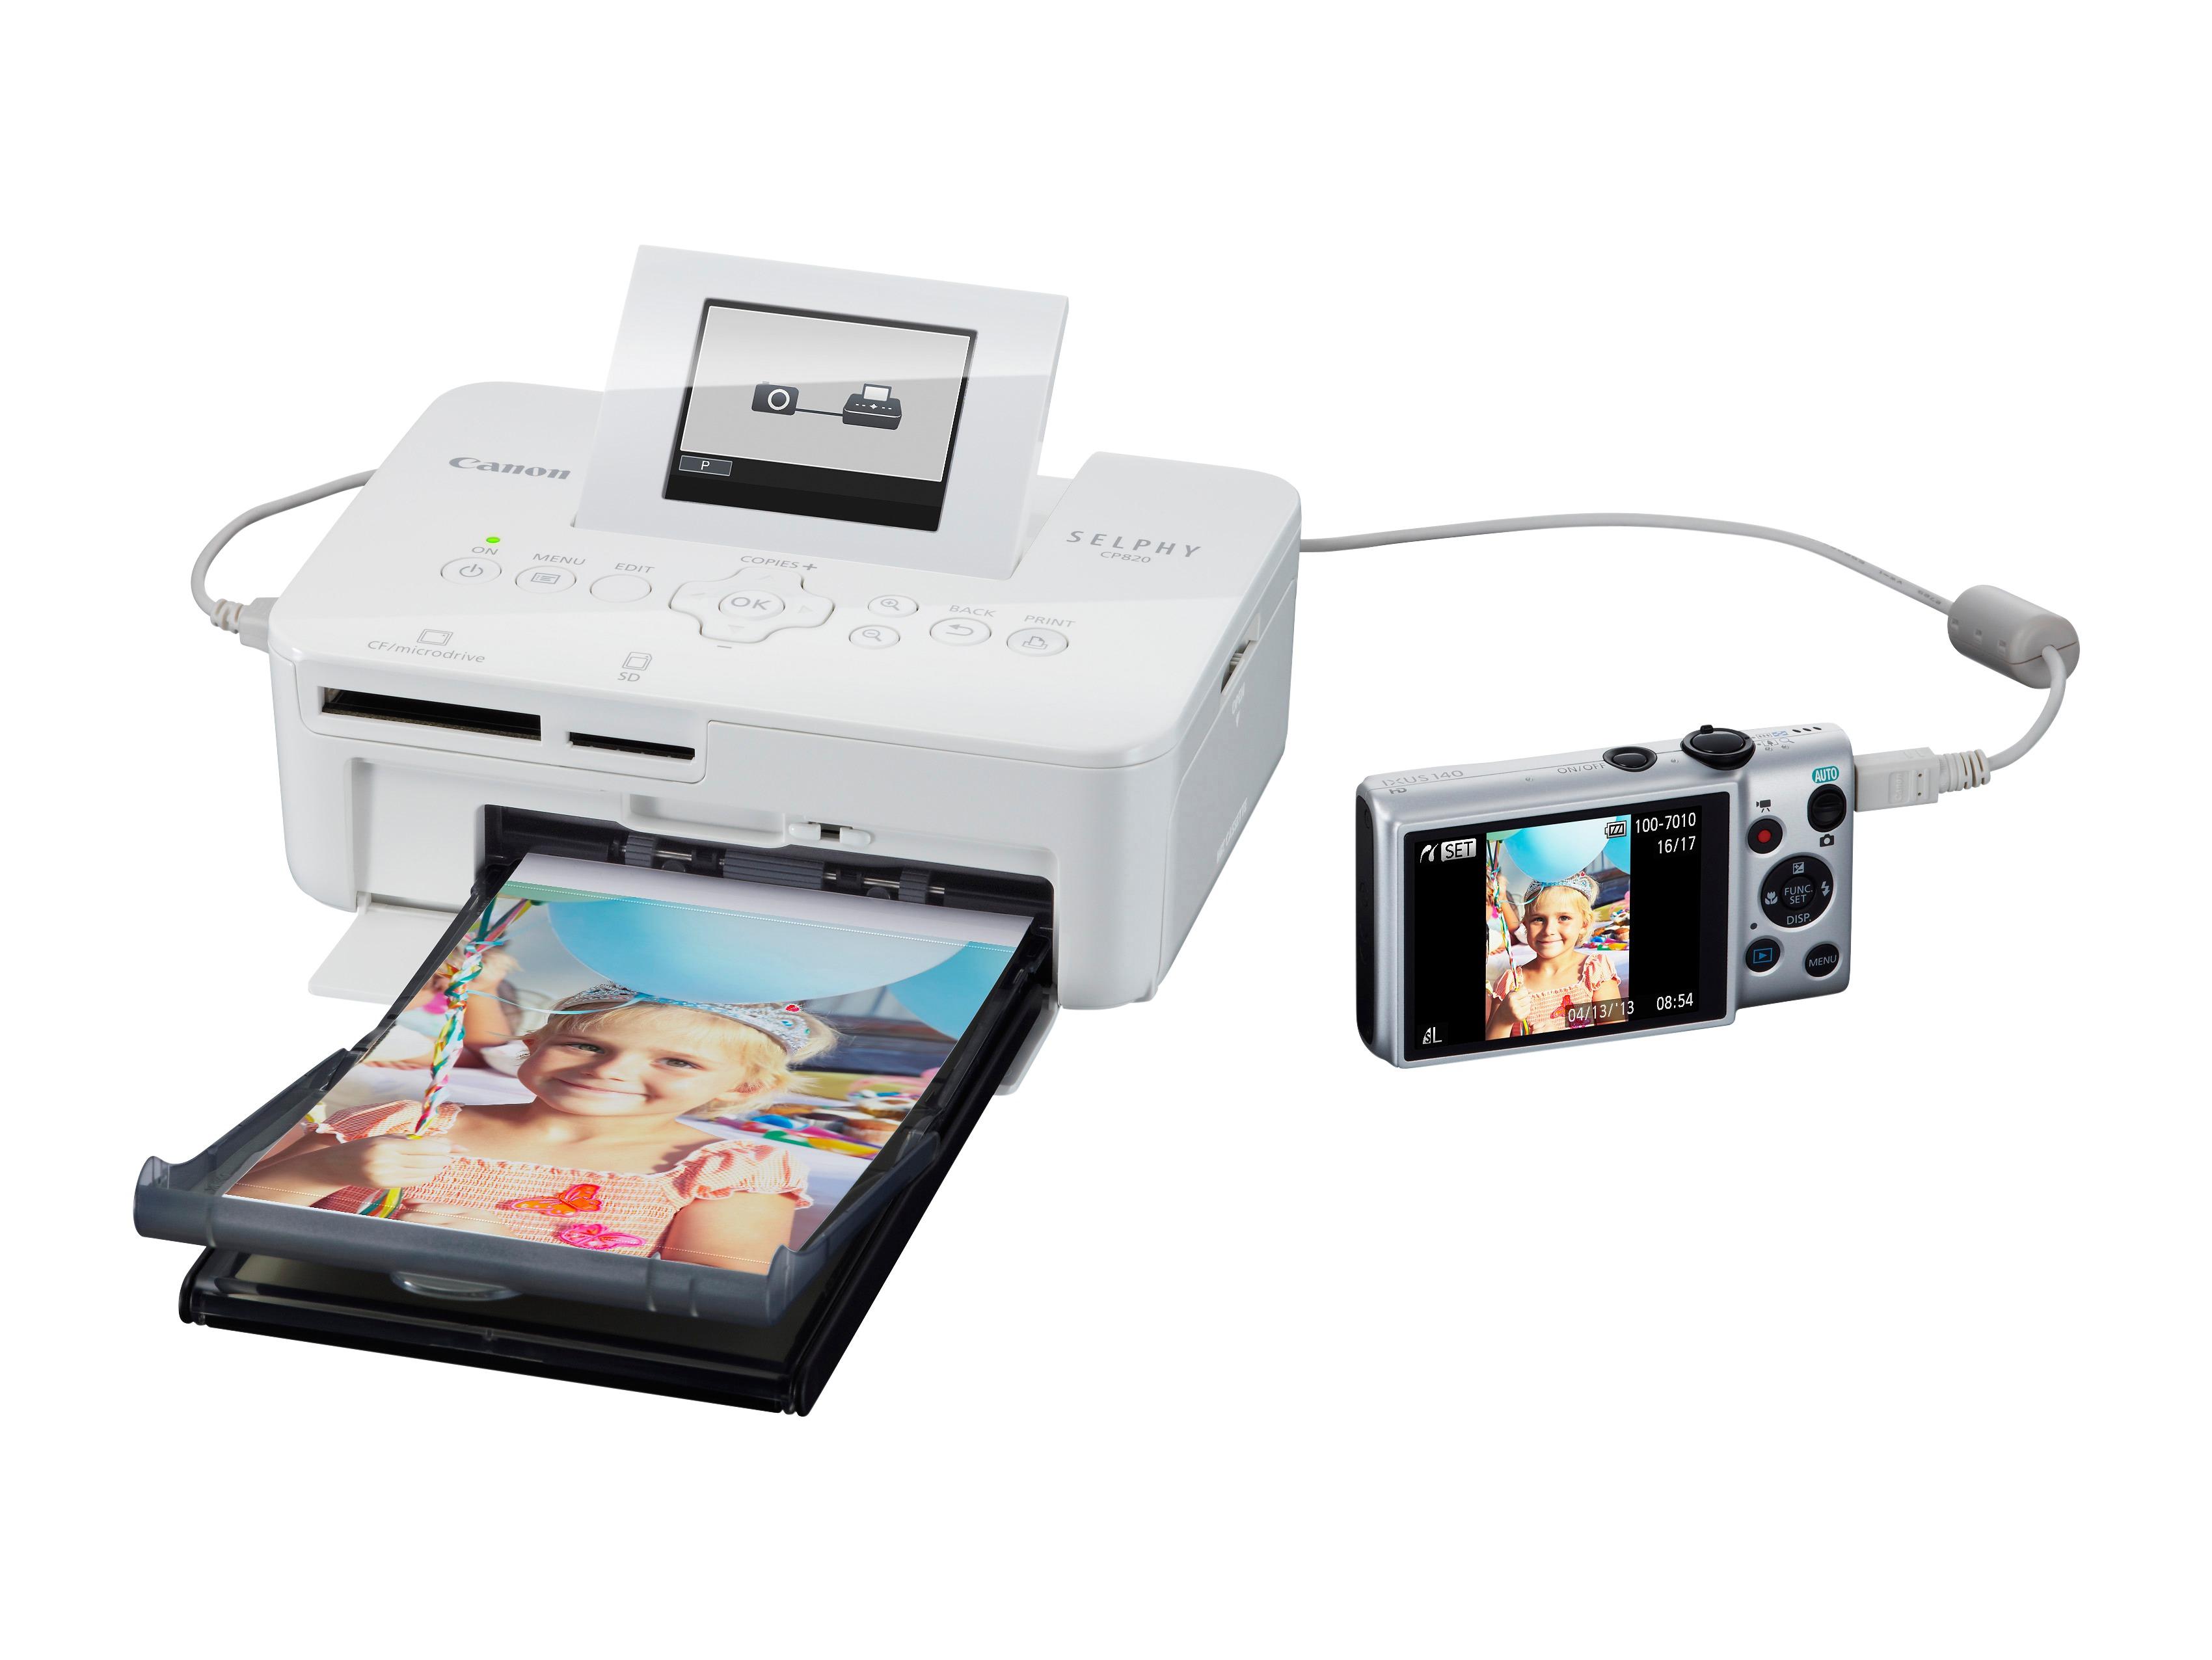 Nyomtatás memóriakártyákról, kamerákról vagy USB-meghajtókról is működik.